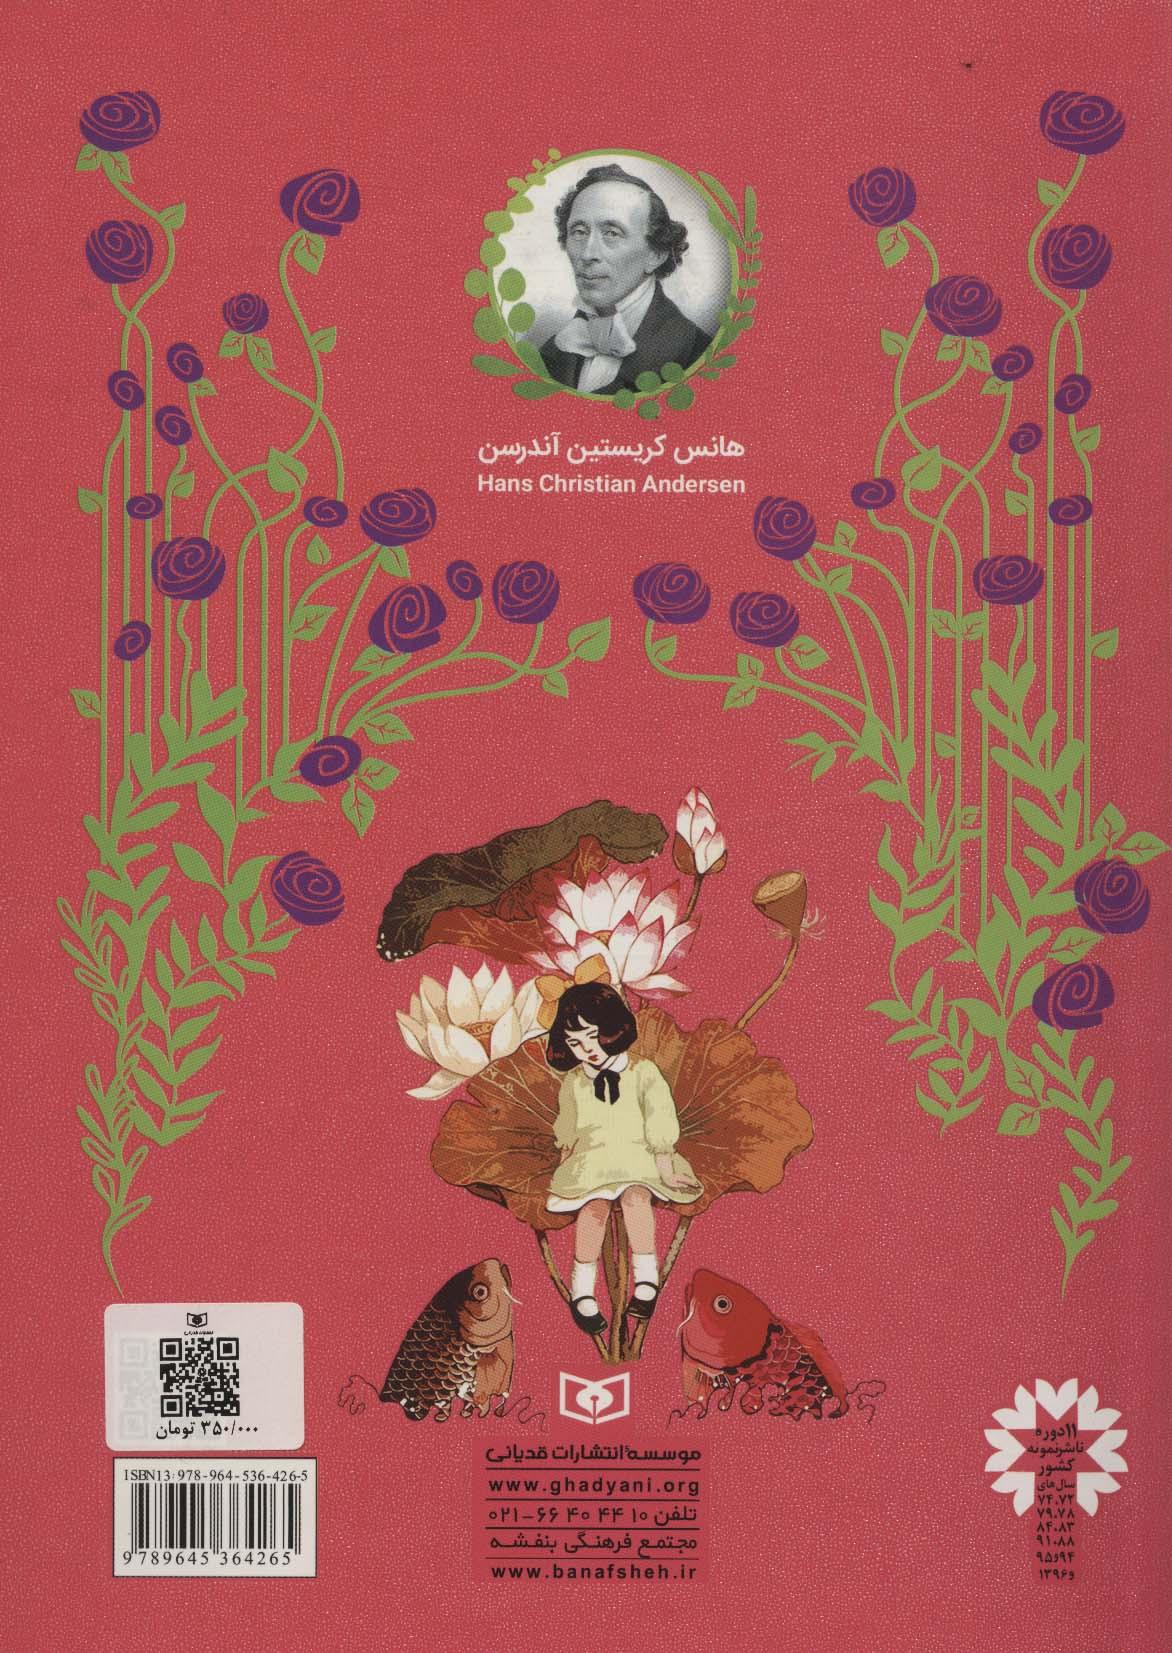 110 قصه از هانس کریستین آندرسن (باقاب)